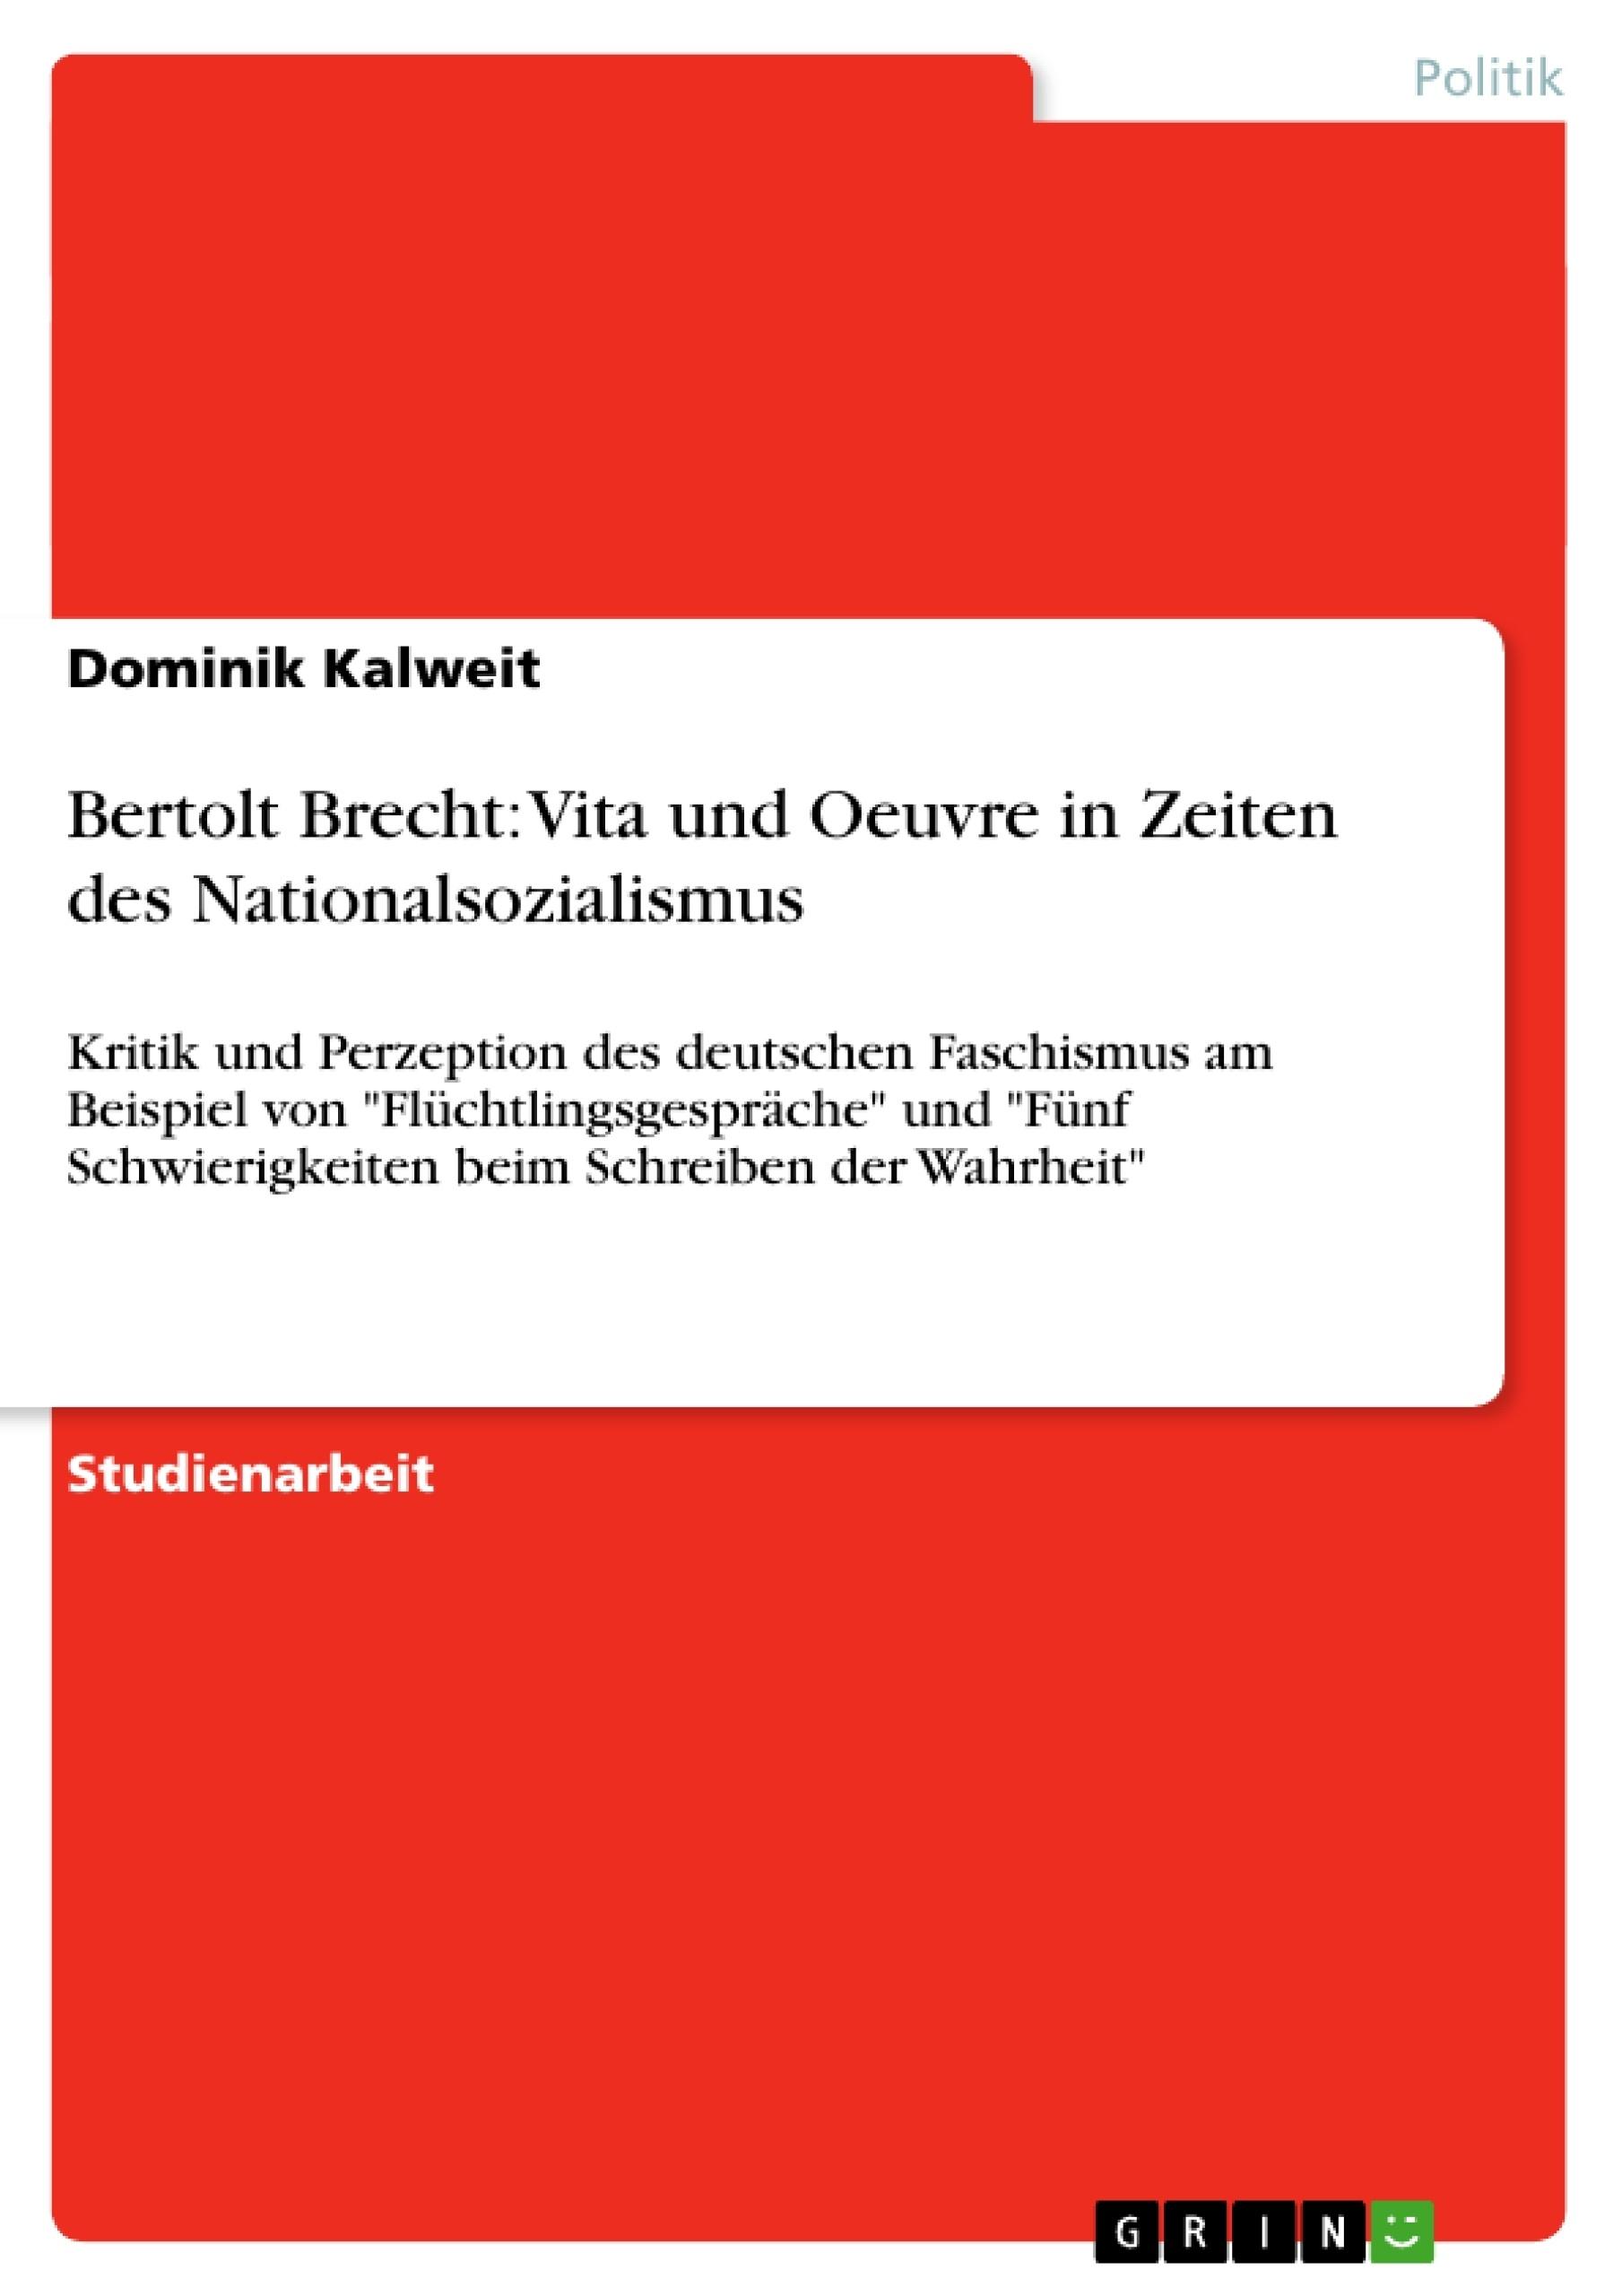 Titel: Bertolt Brecht: Vita und Oeuvre in Zeiten des Nationalsozialismus